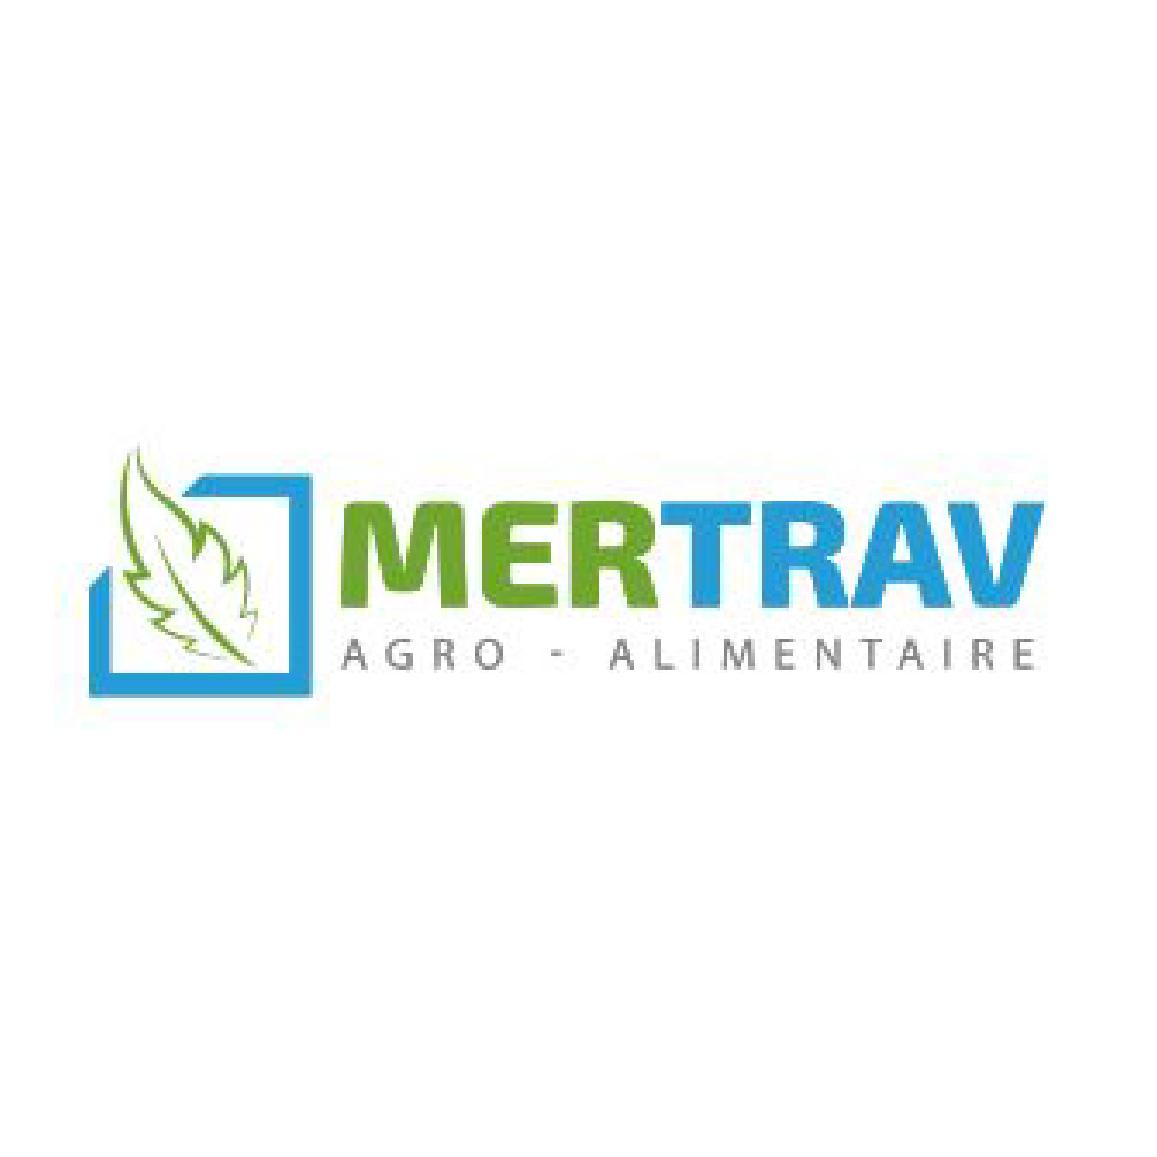 MerTrav